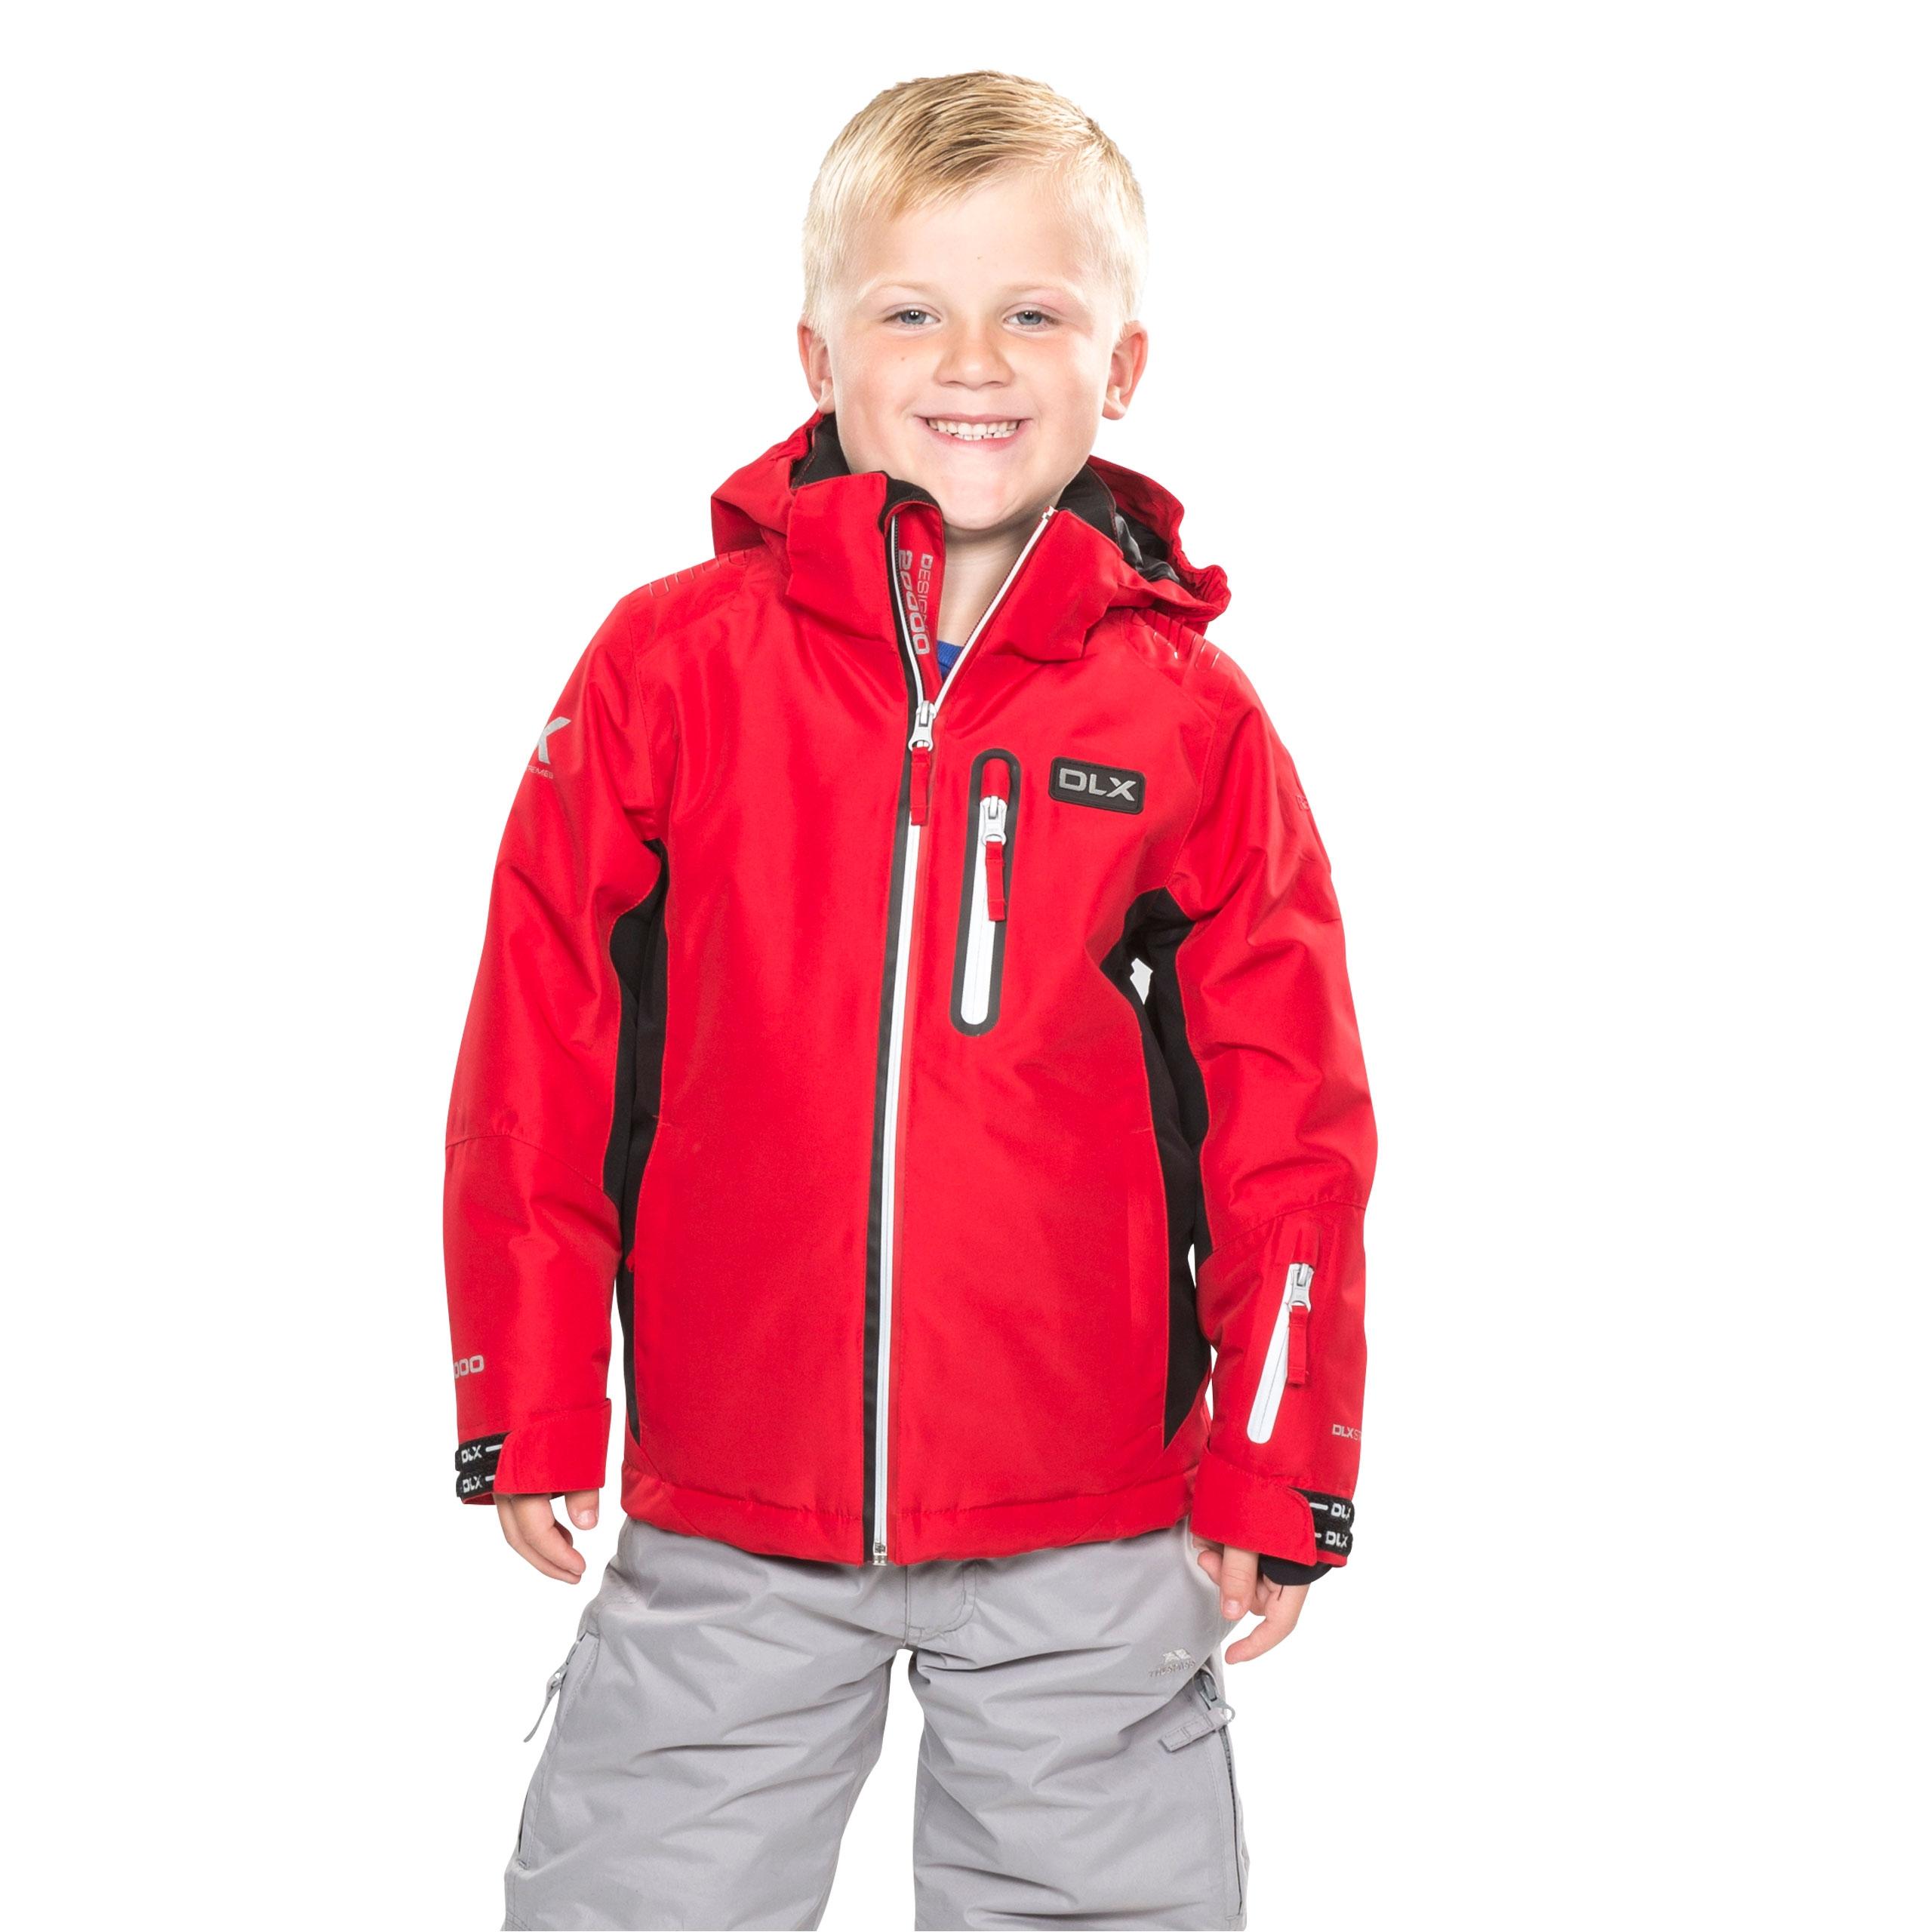 Castor Kids  DLX Unisex RECCO Ski Jacket  e3e46c3da17